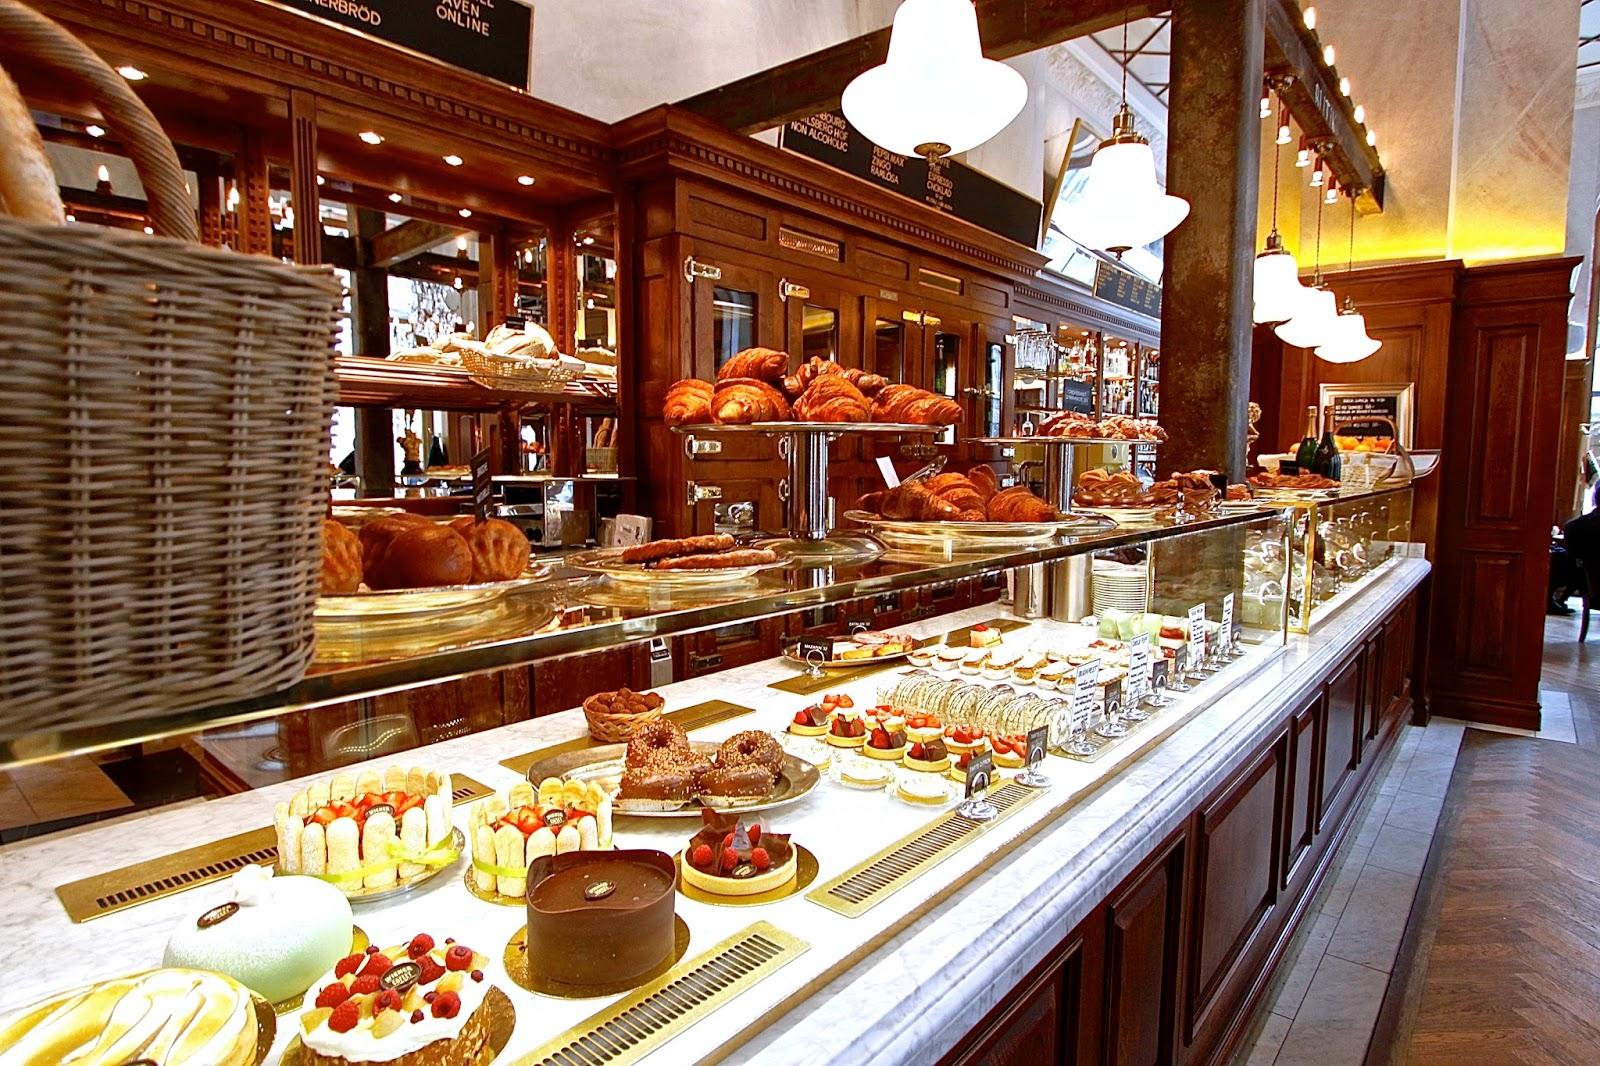 restorani-bari-kafe-0014